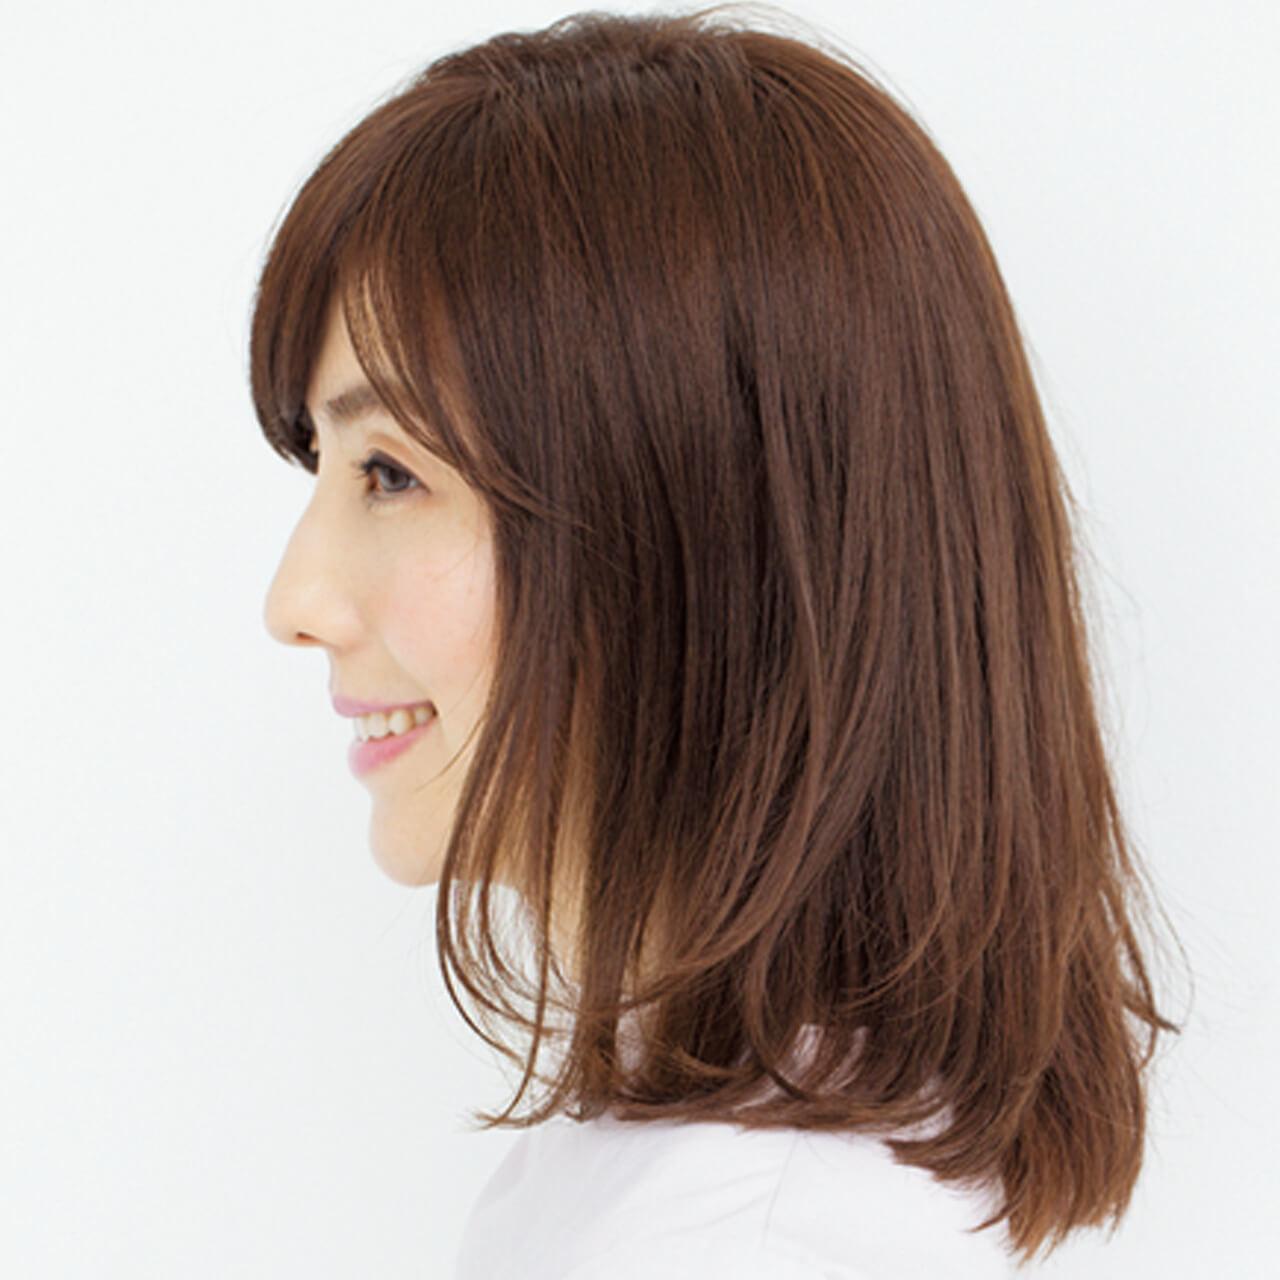 スッキリ見える外ハネの動きで髪の重さから目をそらして【40代のボブヘア】_1_2